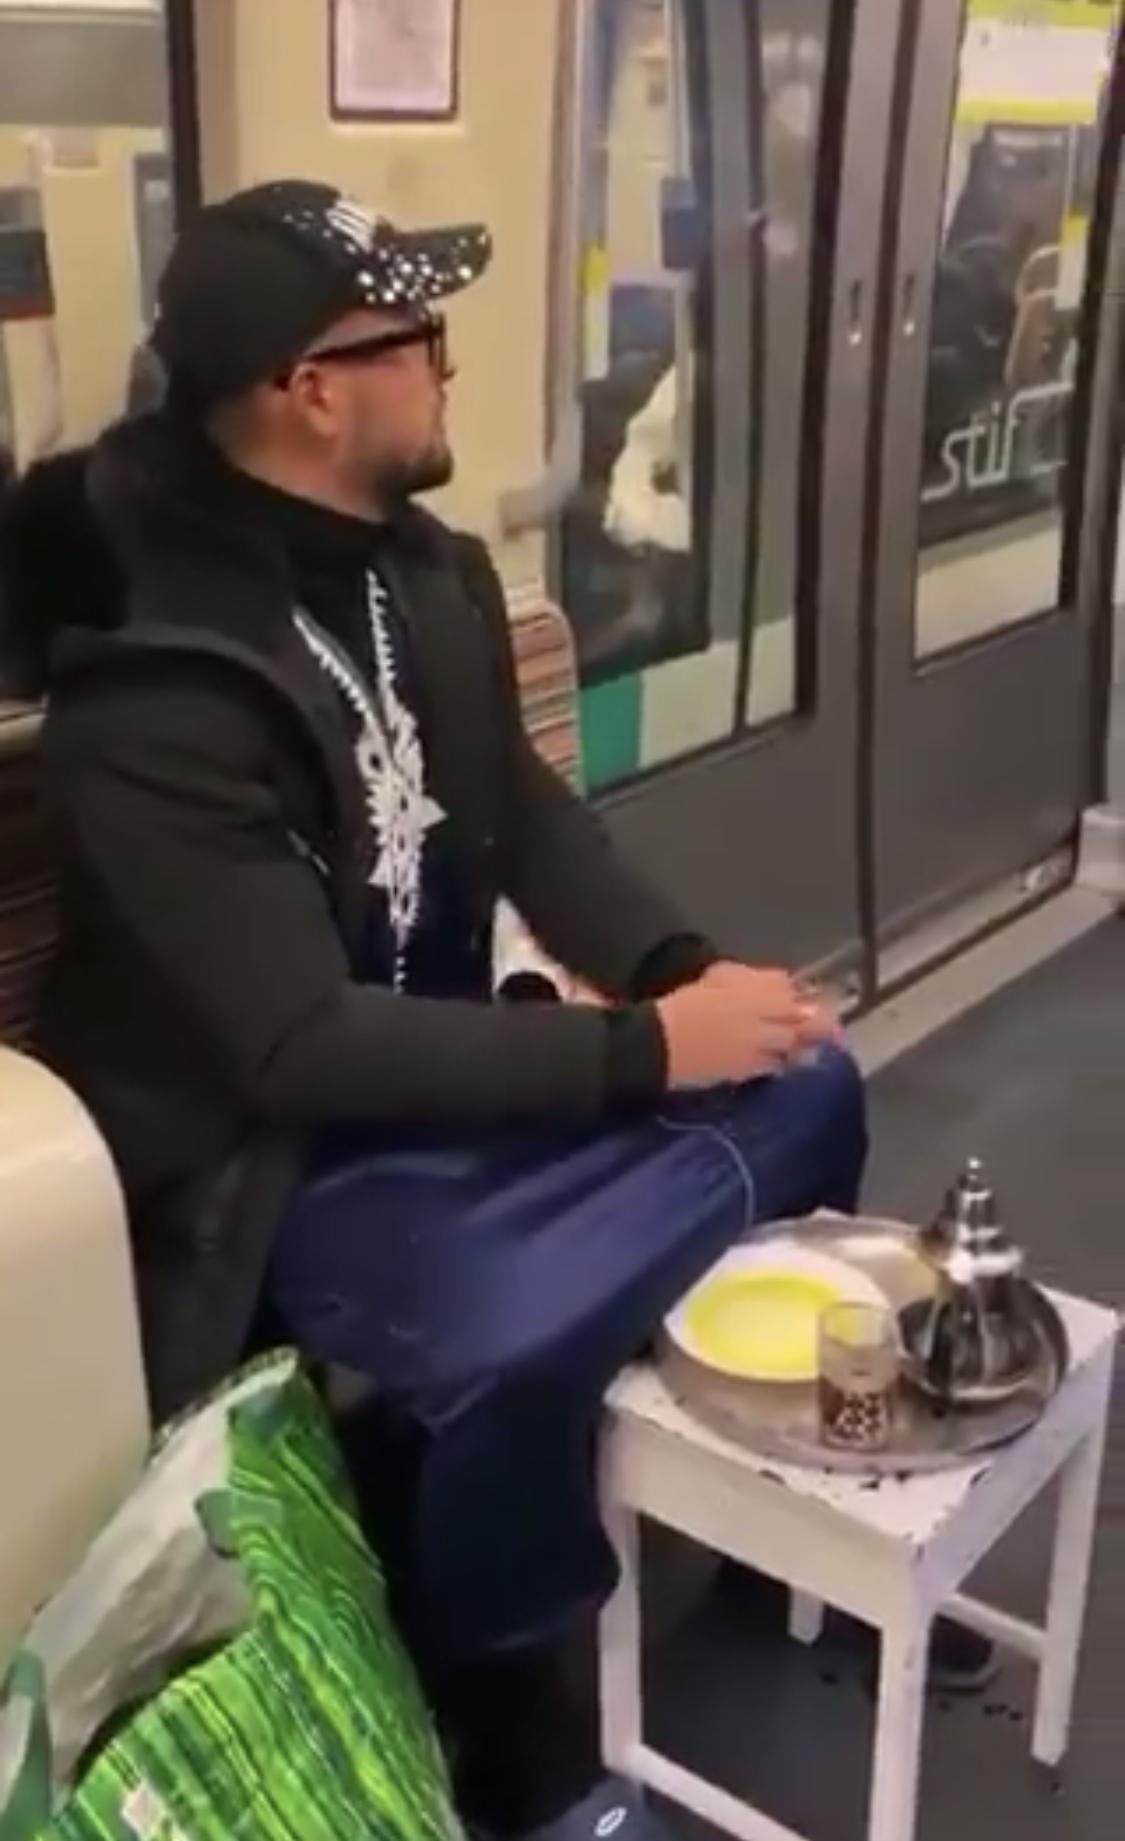 فيديو/مهاجر مغربي مشحّر أتاي وضارب الخبز وزيت العُود فالتراموي ديال باريس